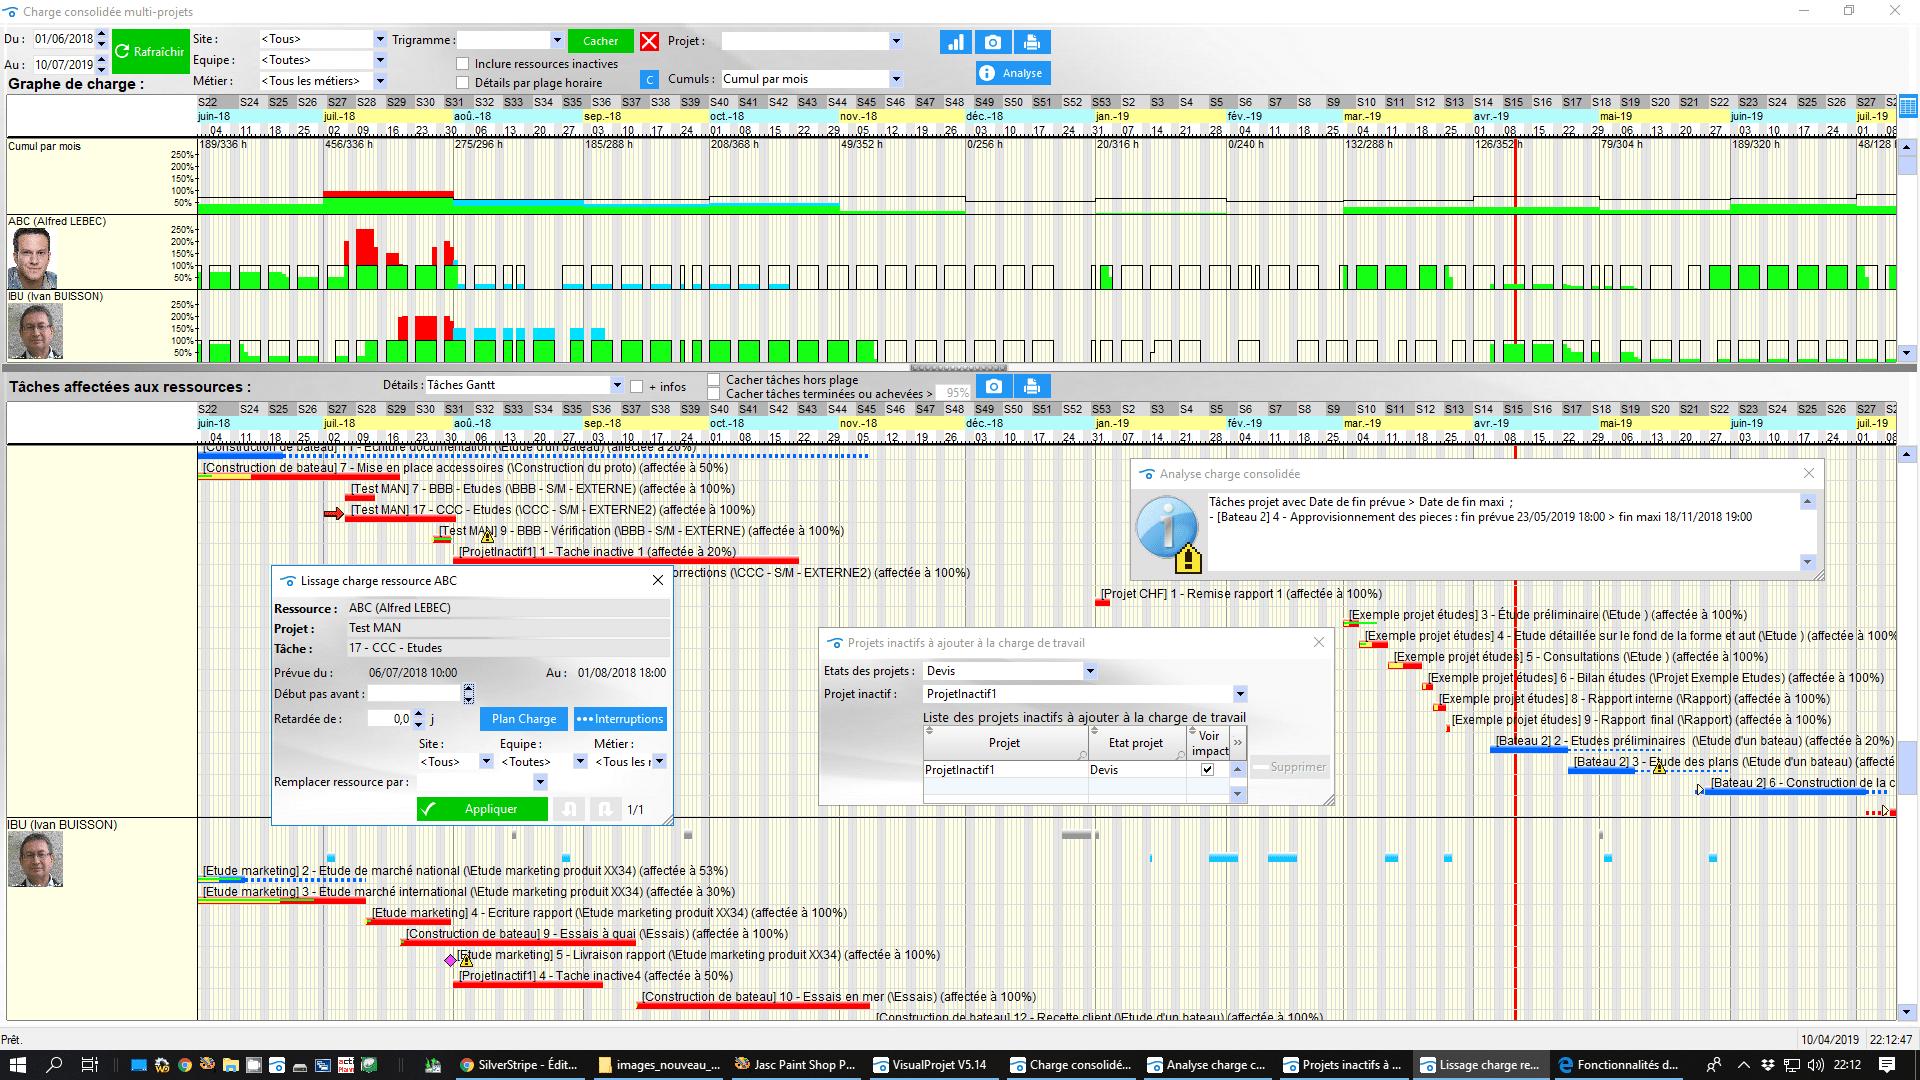 Fonctionnalits dtailles de visualprojet logiciel de gestion de charge travail logiciel gestion projet visualprojet ccuart Image collections